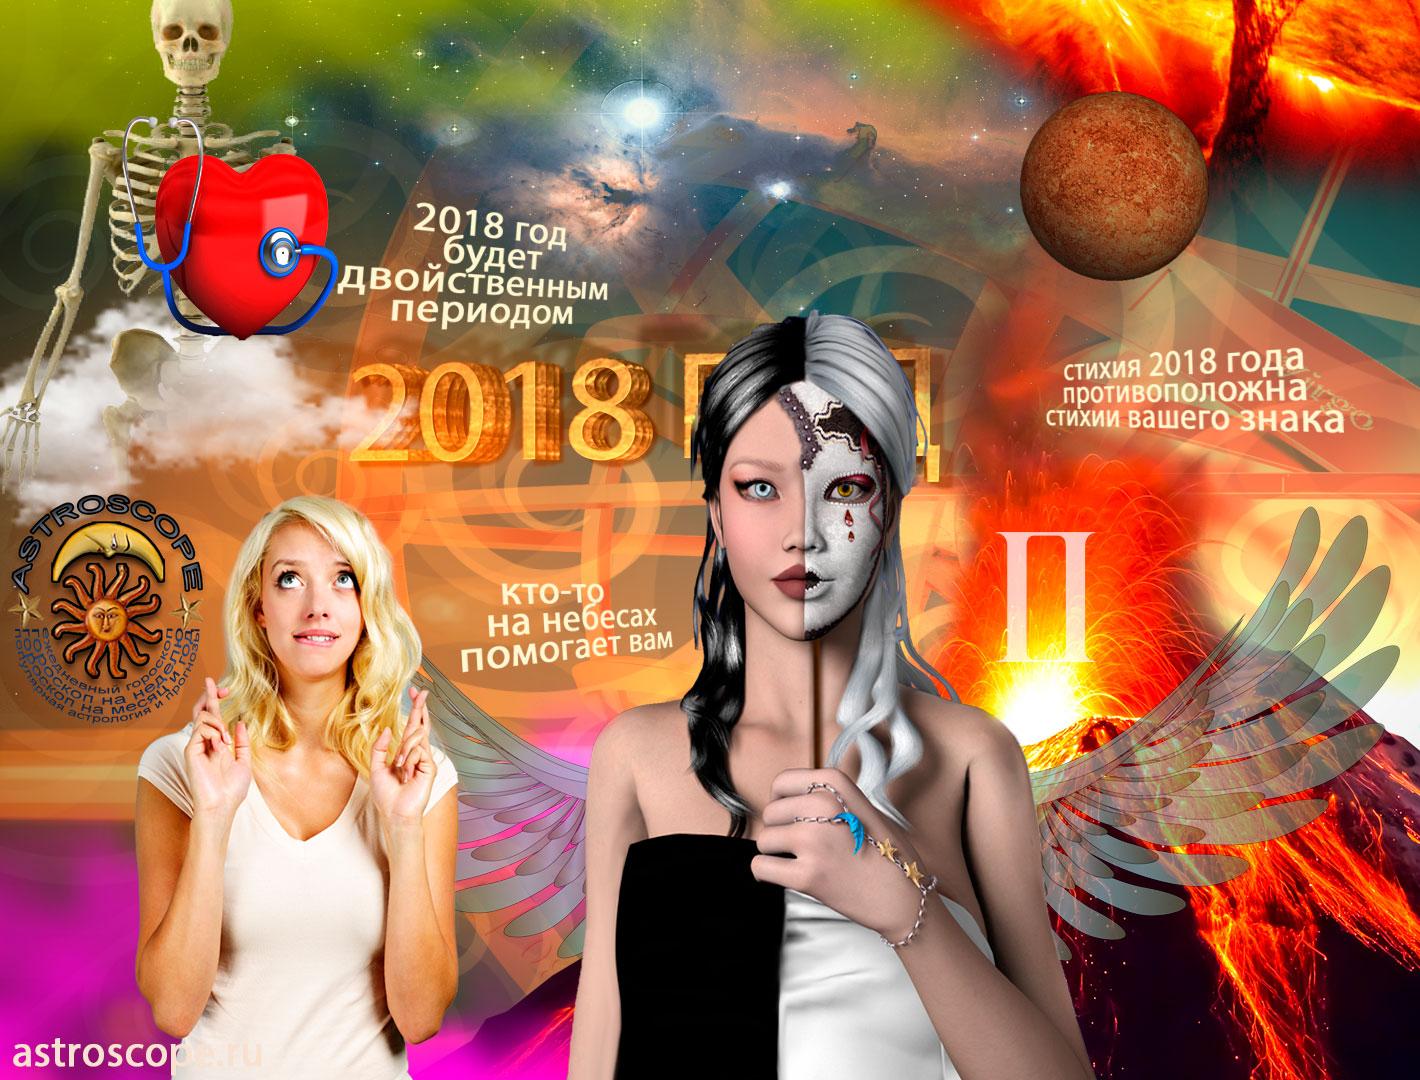 Гороскоп на 2019 Близнецы, что ждёт Близнецов в 2019 году